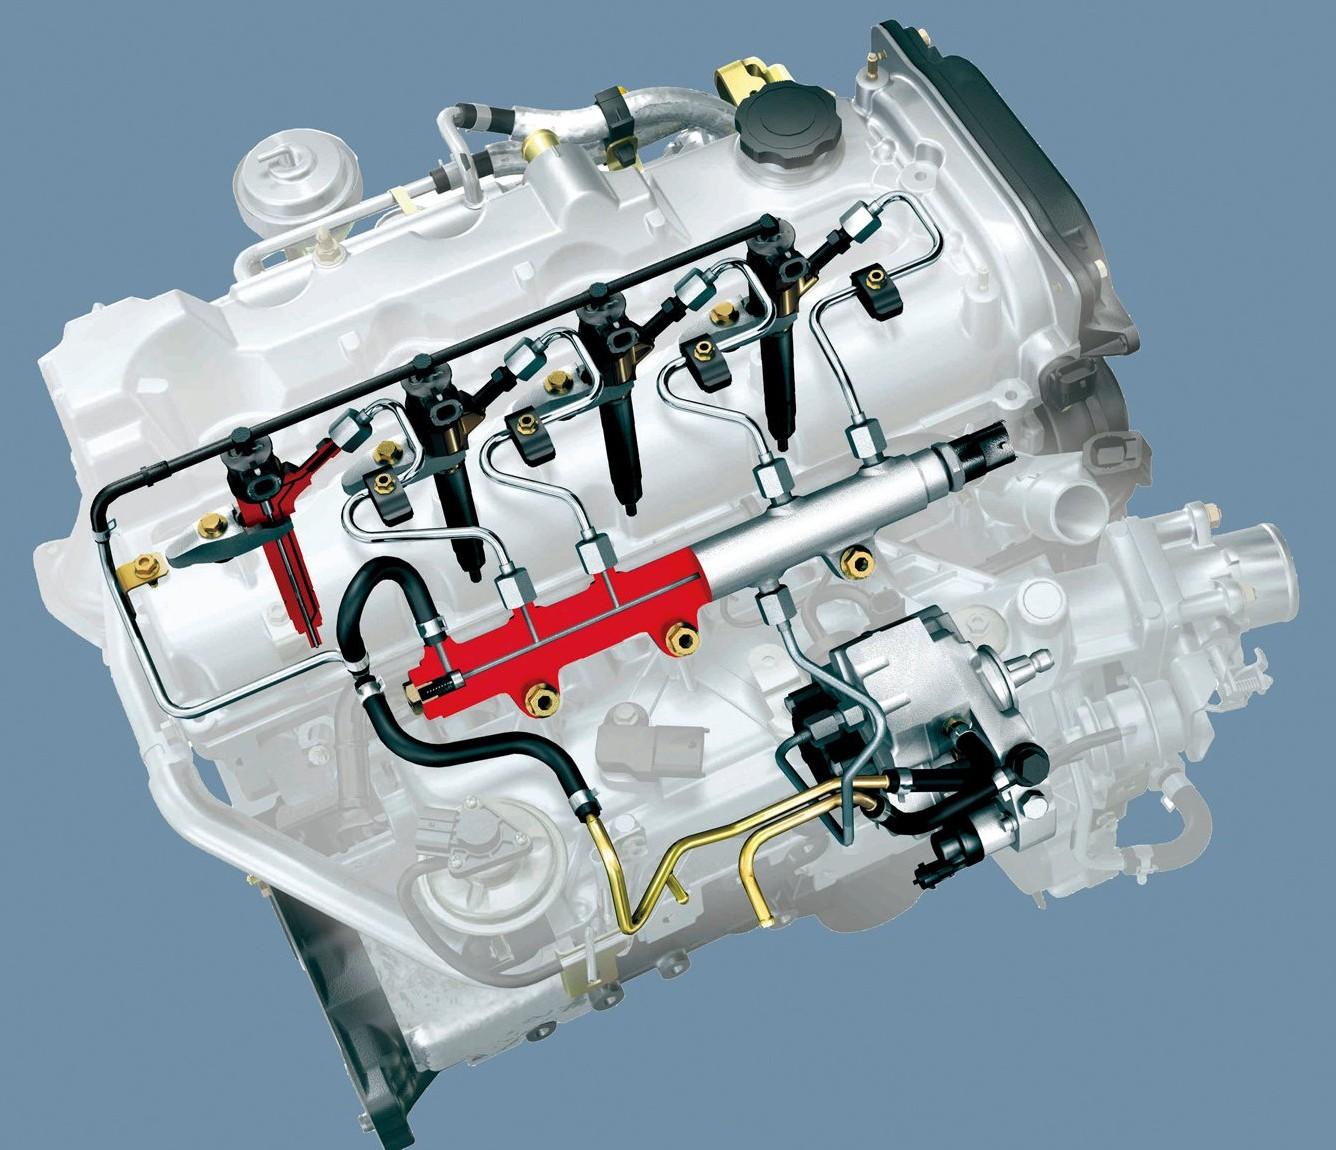 Знакомство с топливной системой дизеля на авто